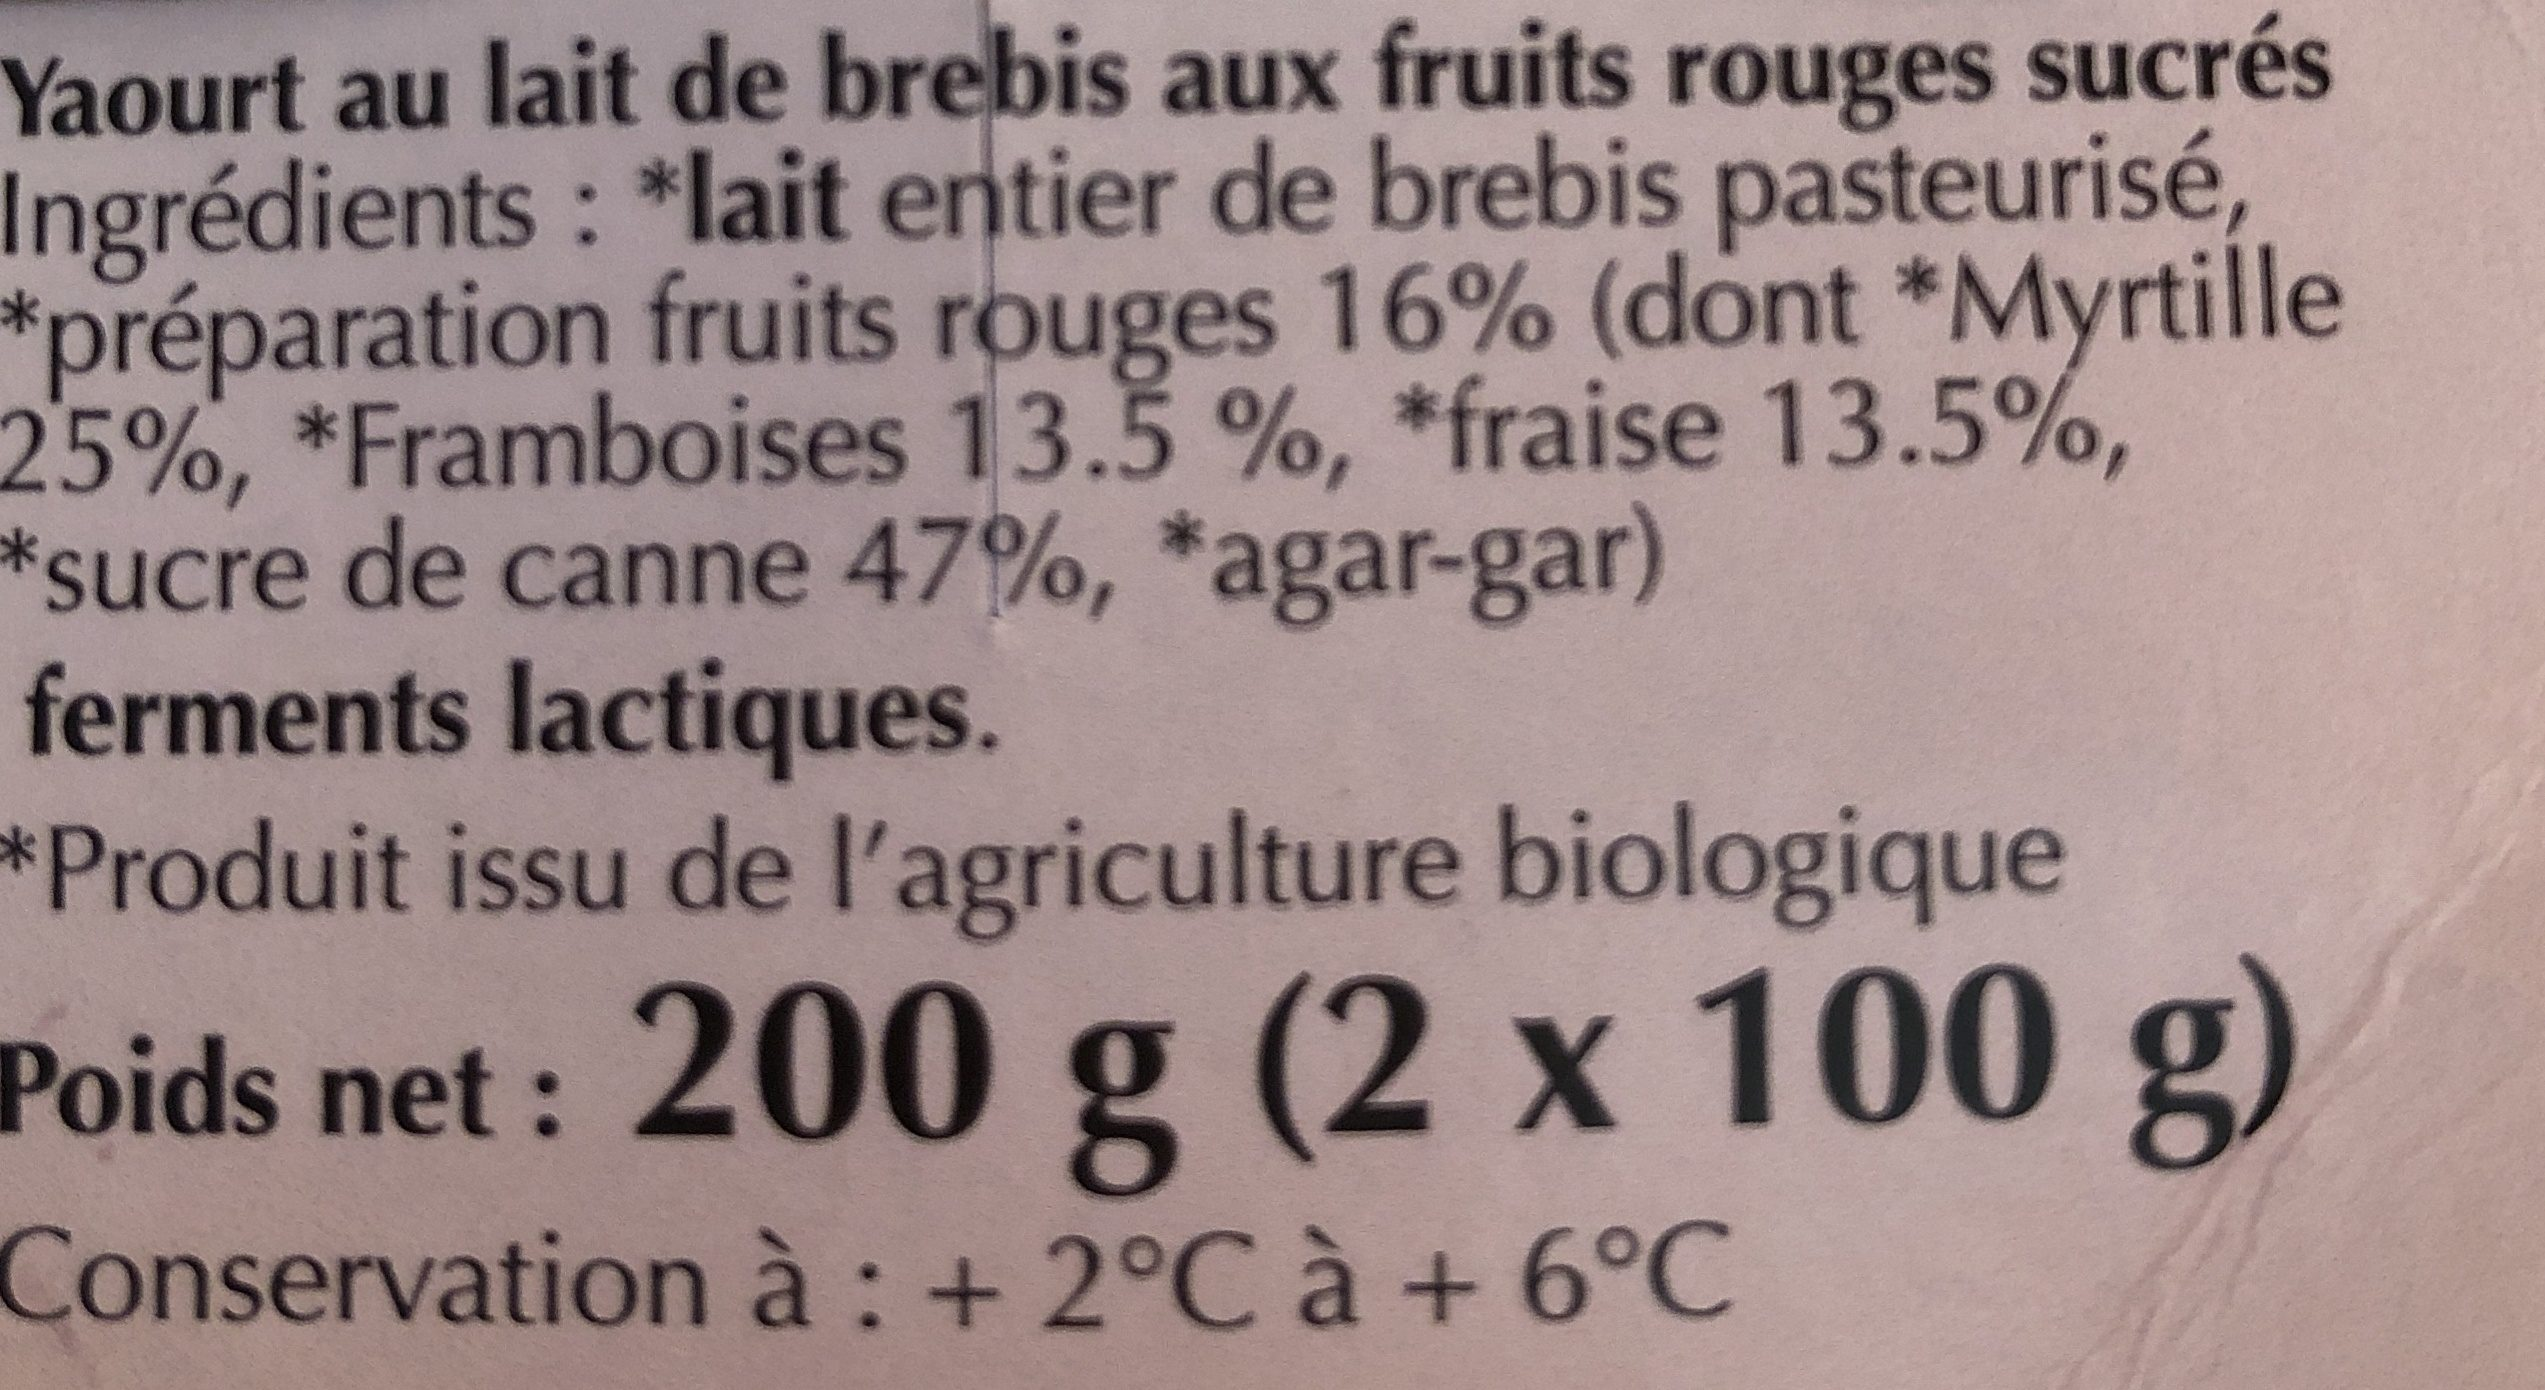 Yaourt au lait de brebis bio Fruits Rouges - Ingredients